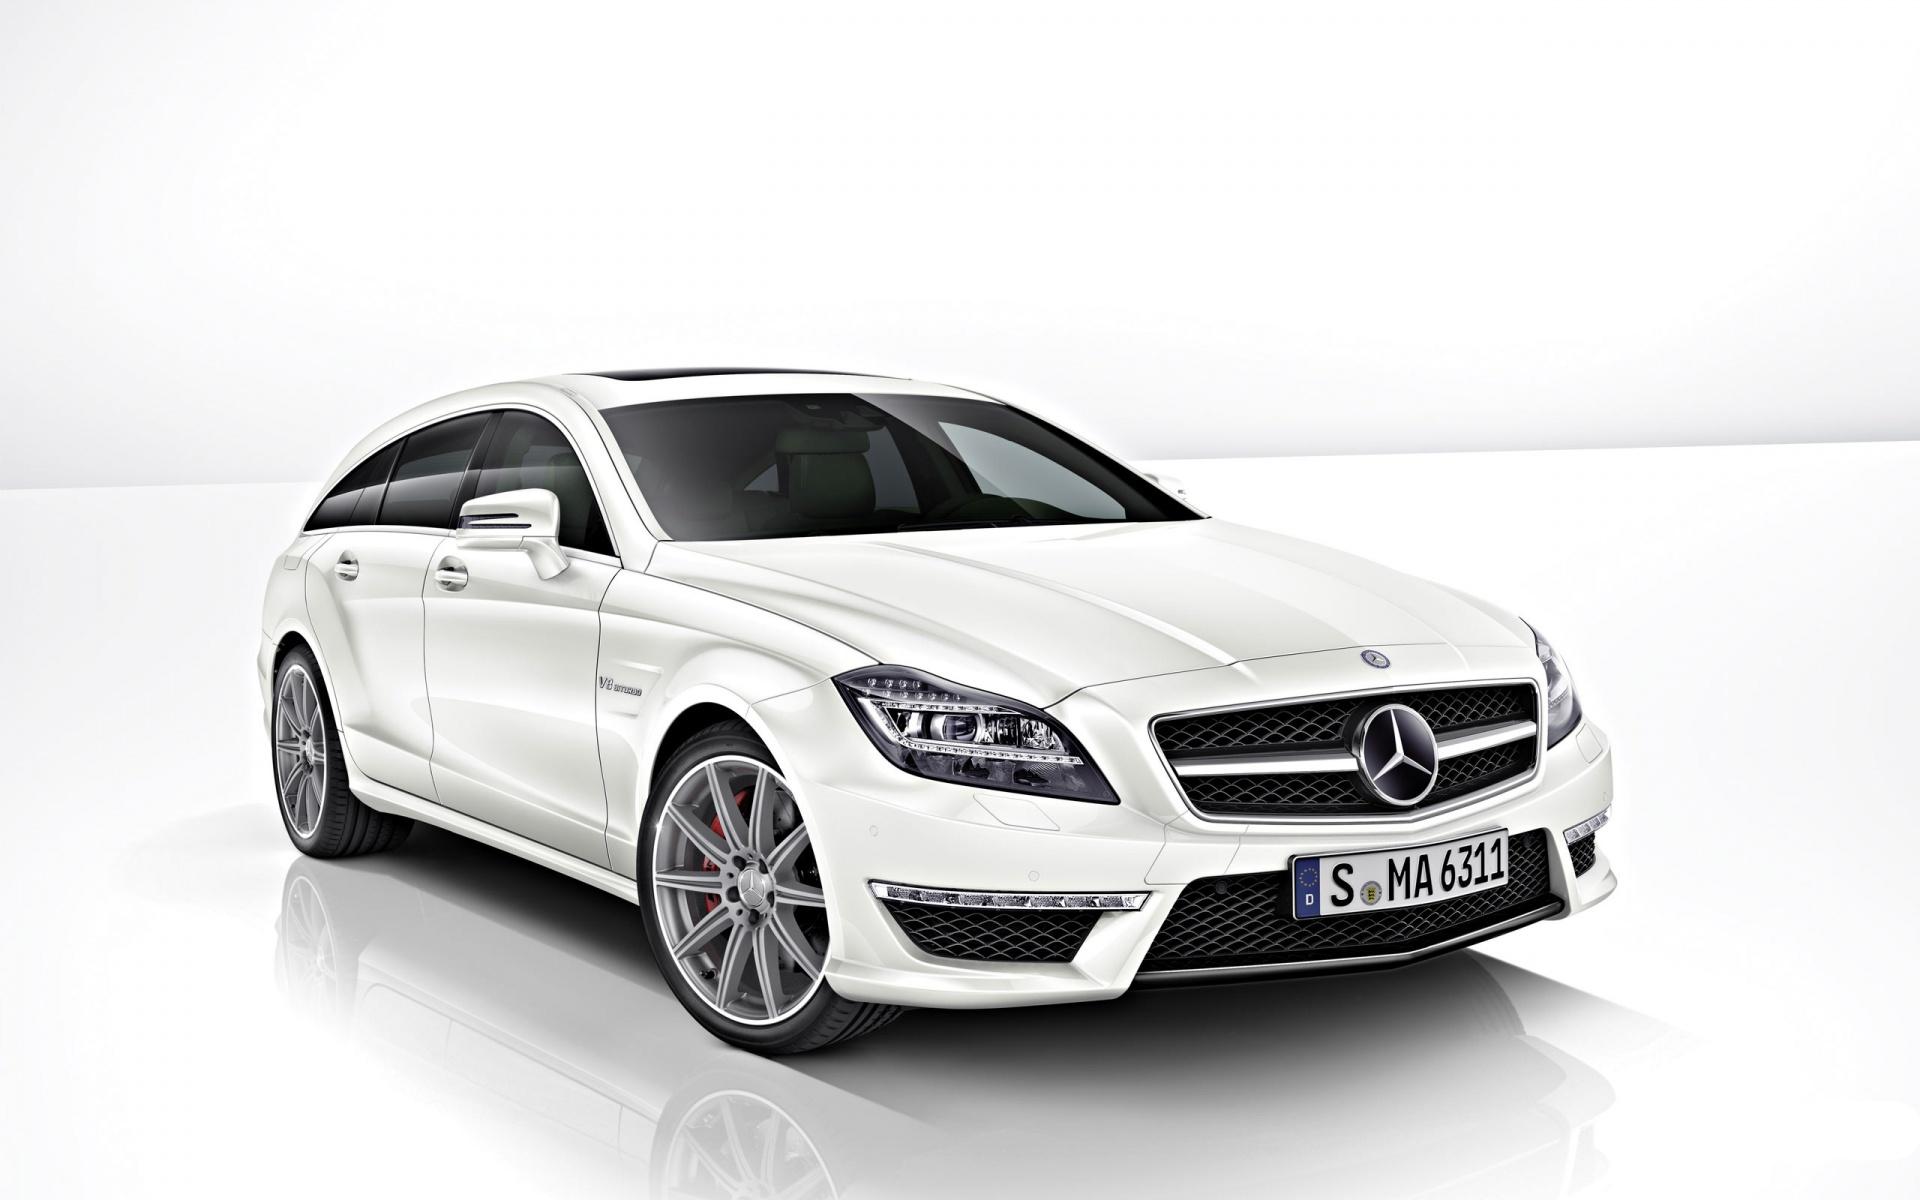 2014 Mercedes Benz CLS 63 AMG Wallpaper HD Car Wallpapers 1920x1200